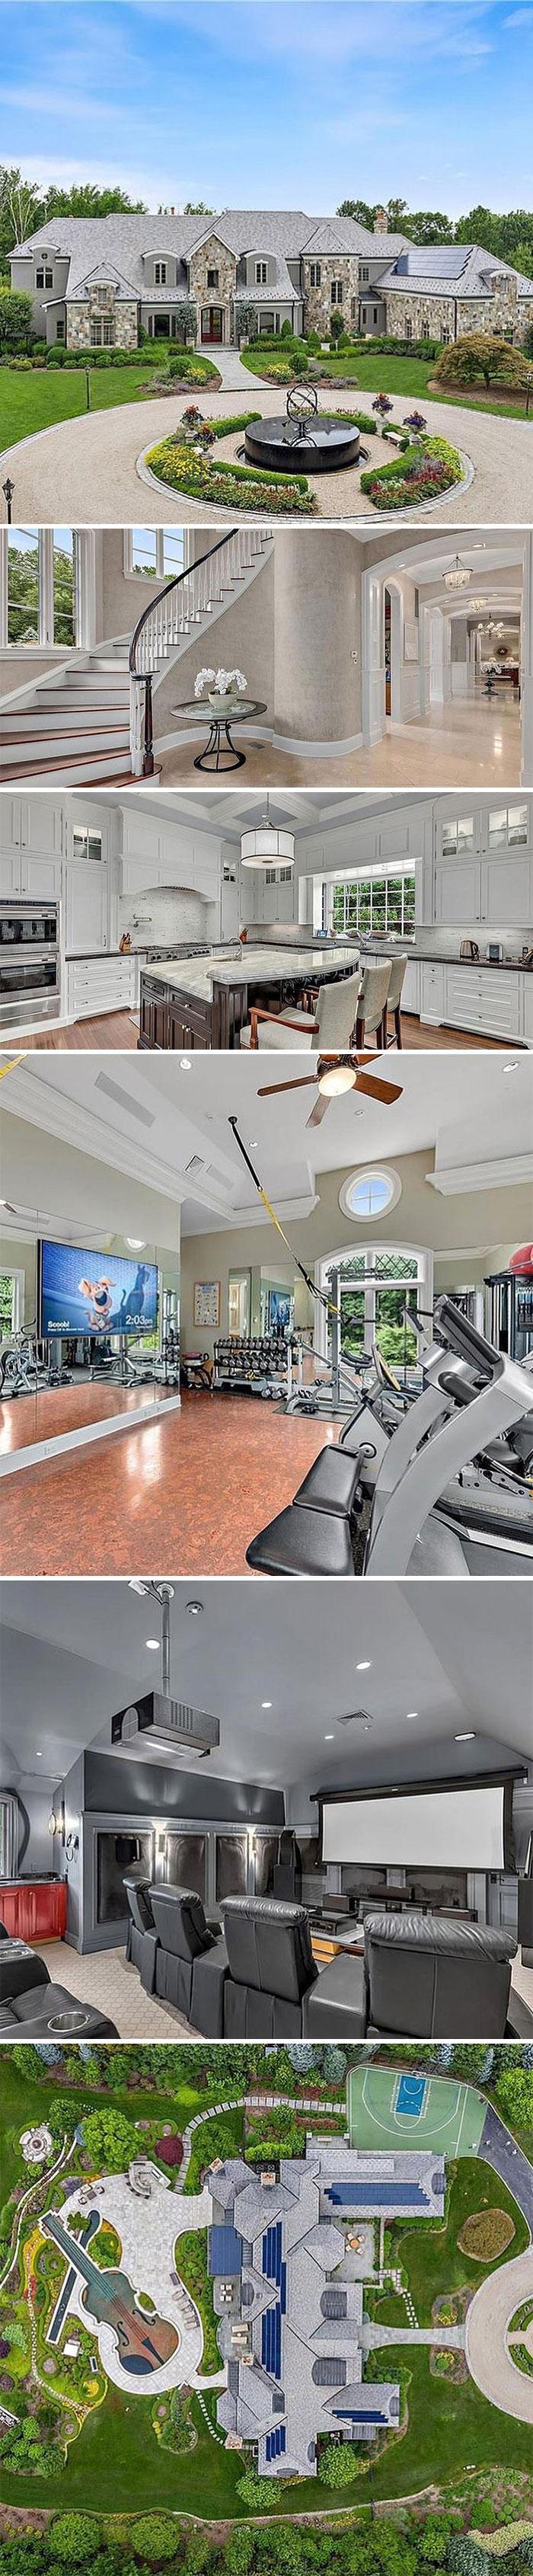 Welcome Home. $8,500,000. 6 Bd, 11 Ba. 10,500 Sf. 5.11 Acres